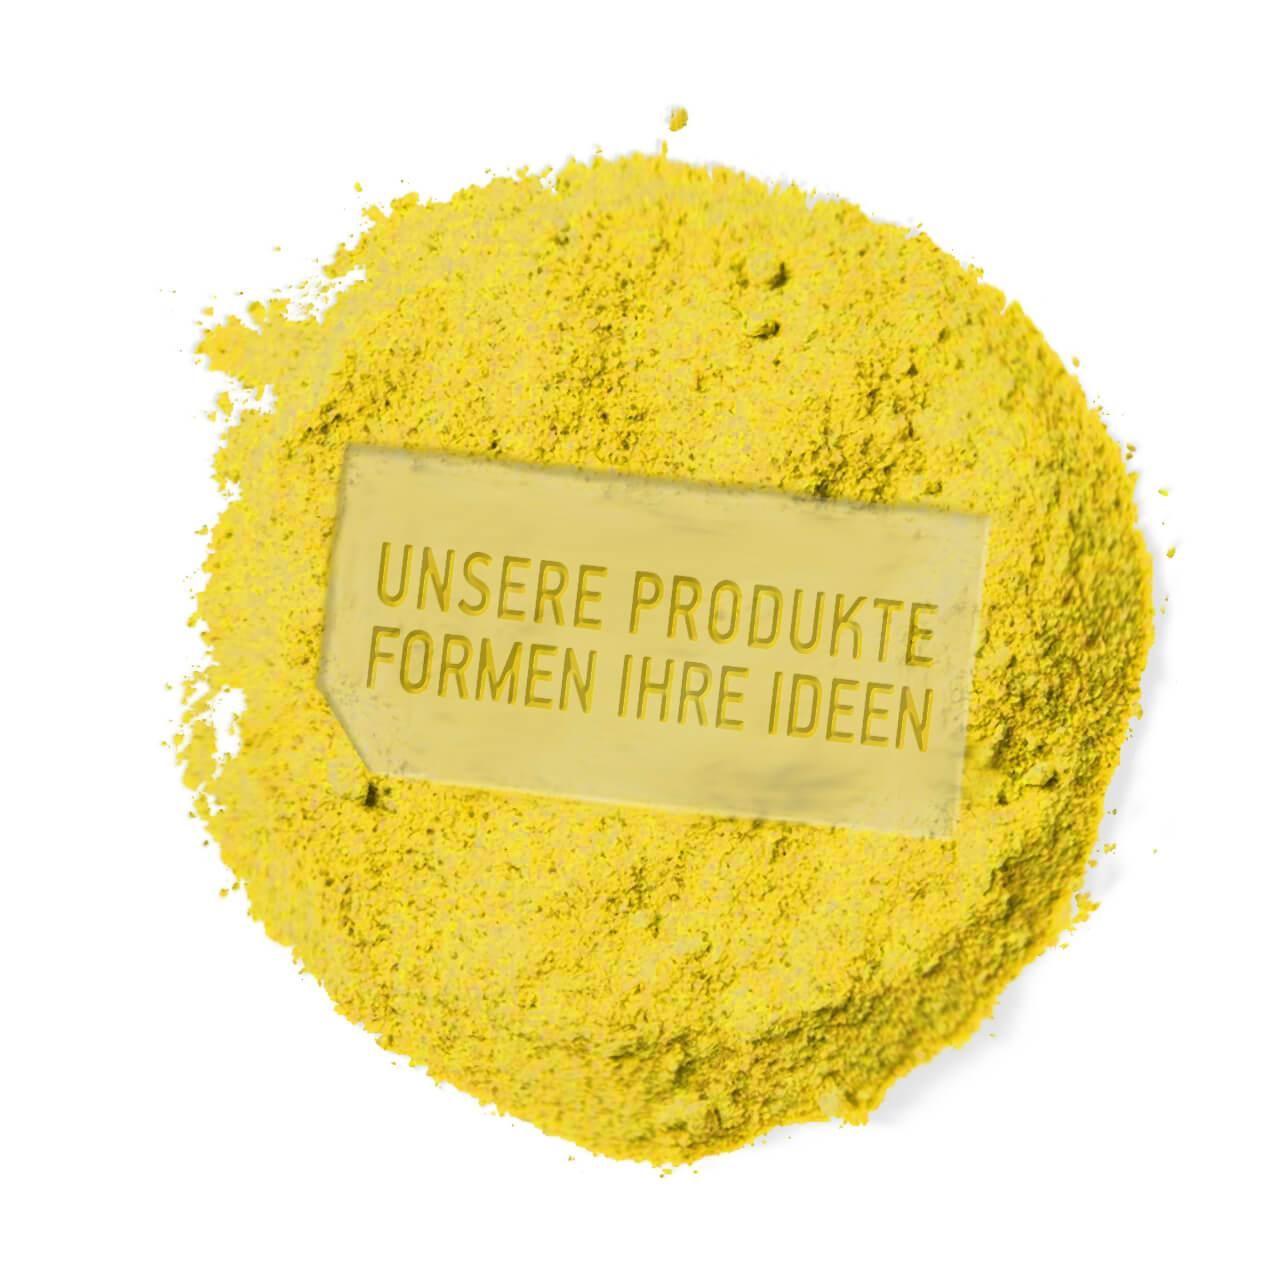 TFC Troll Factory Tagesleuchtpigmente I Fluoreszierende Pigmente für leuchtende Farben gelb